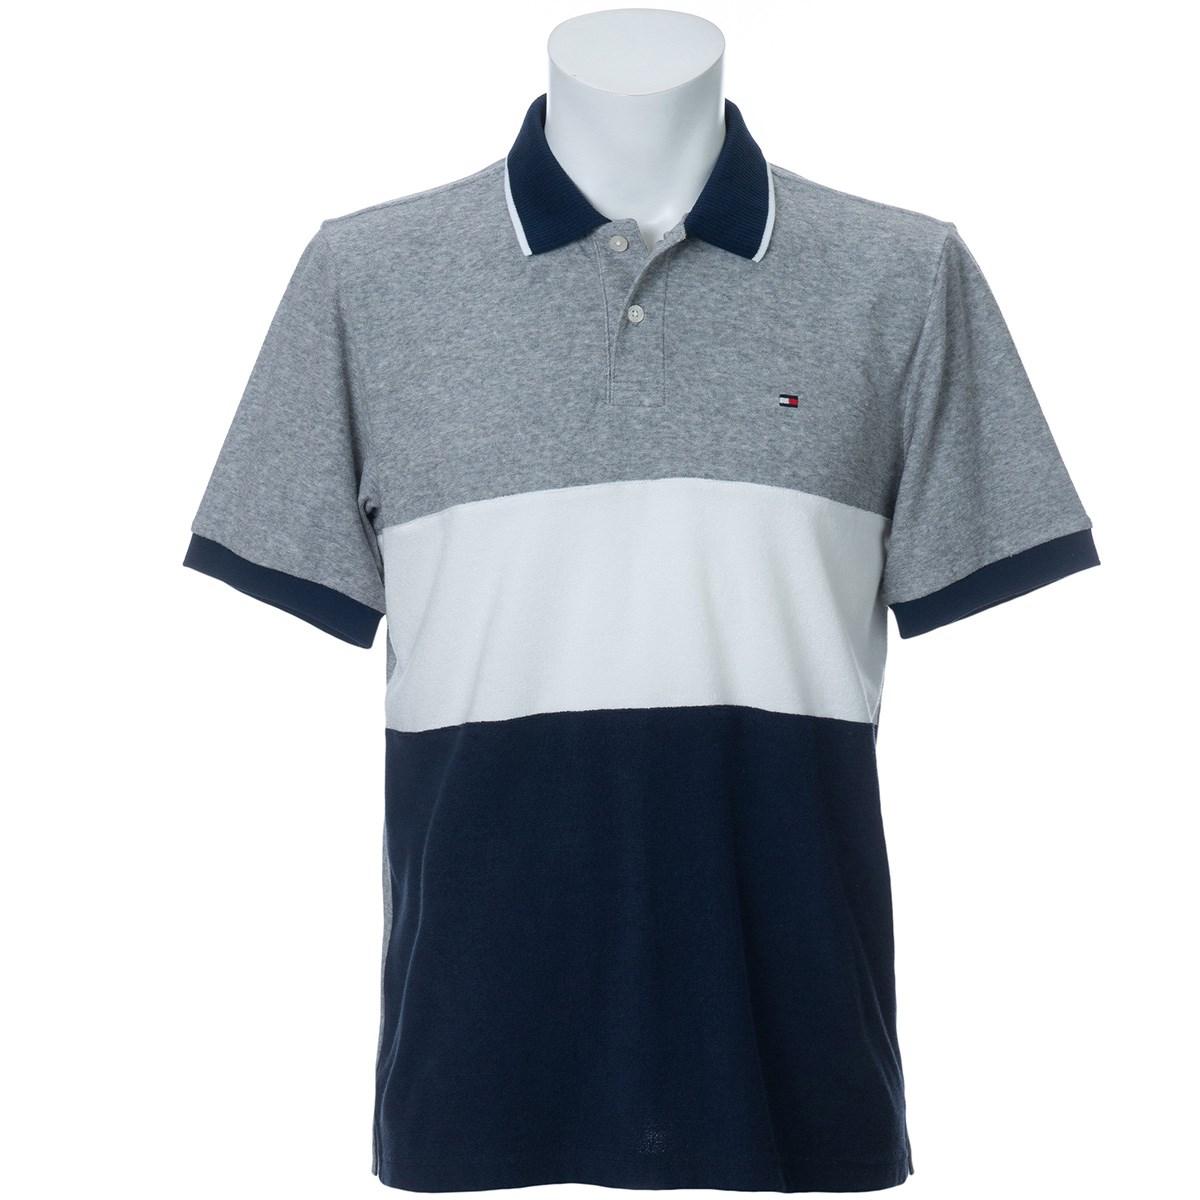 トミー ヒルフィガー ゴルフ TOMMY HILFIGER GOLF BLOCKING TERRY 半袖ポロシャツ M グレー 19